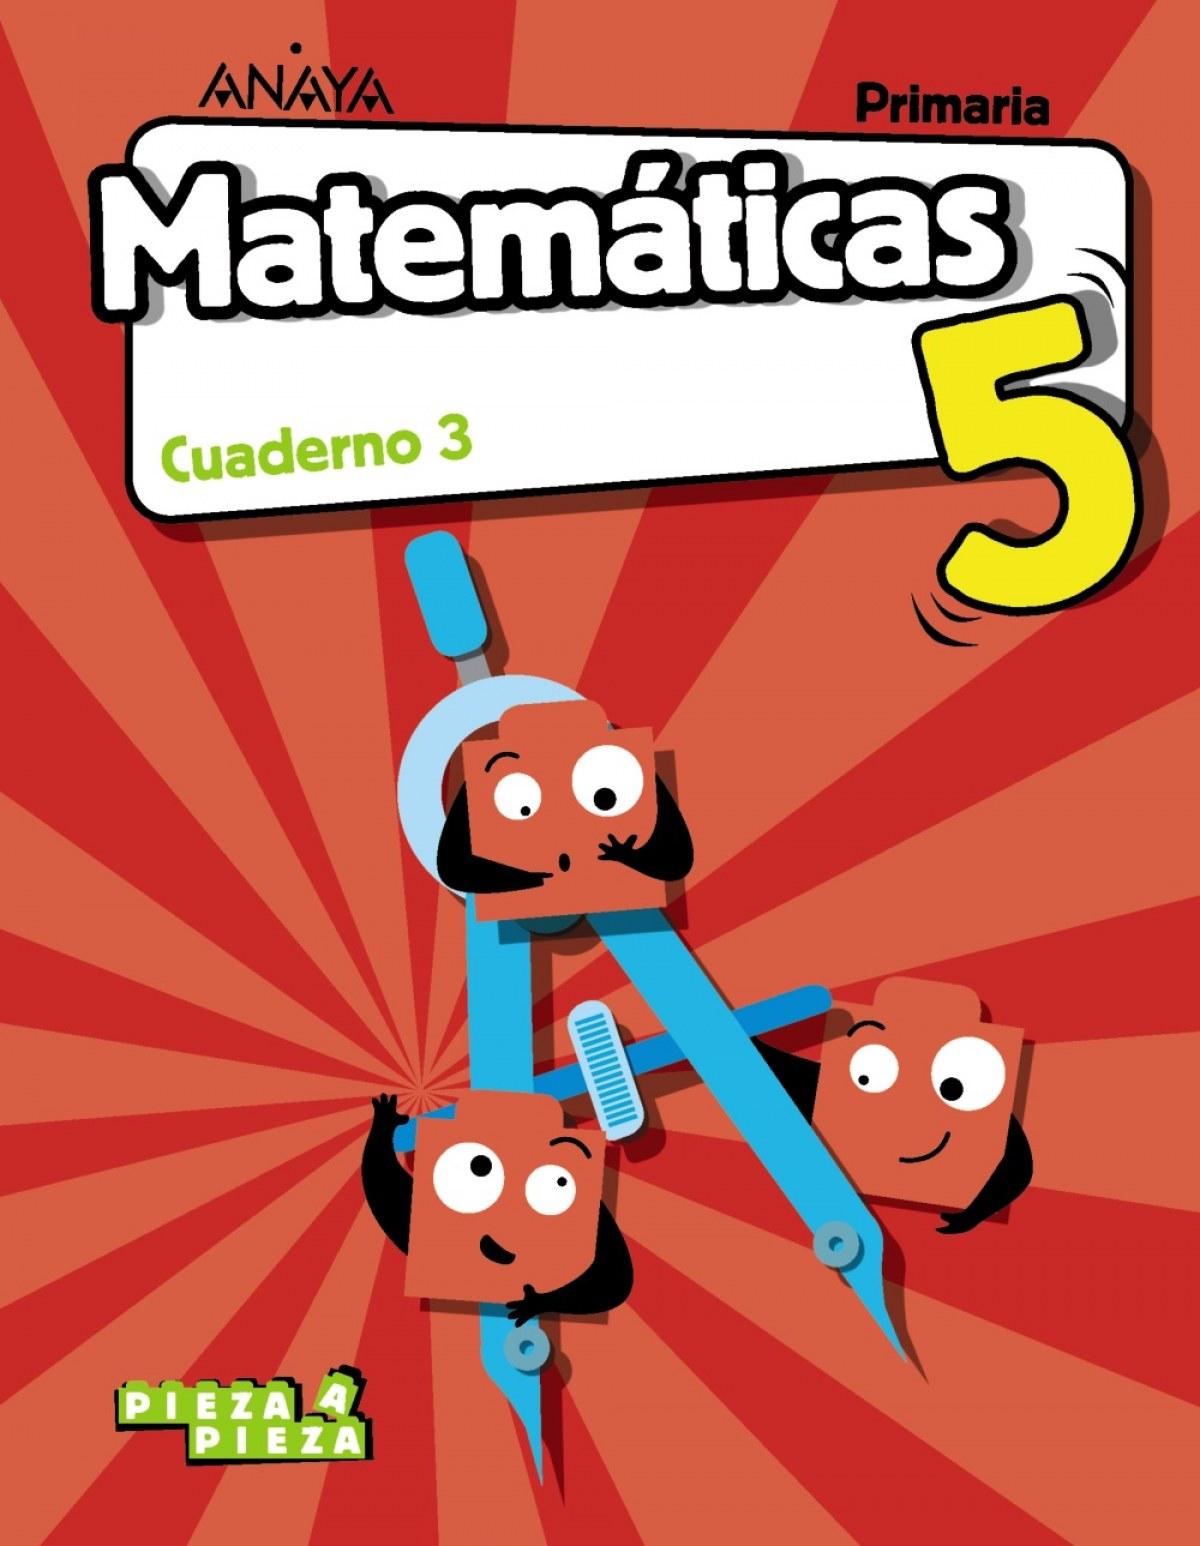 CUADERNO MATEMÁTICAS 3-5ºPRIMARIA. PIEZA A PIEZA. MADRID